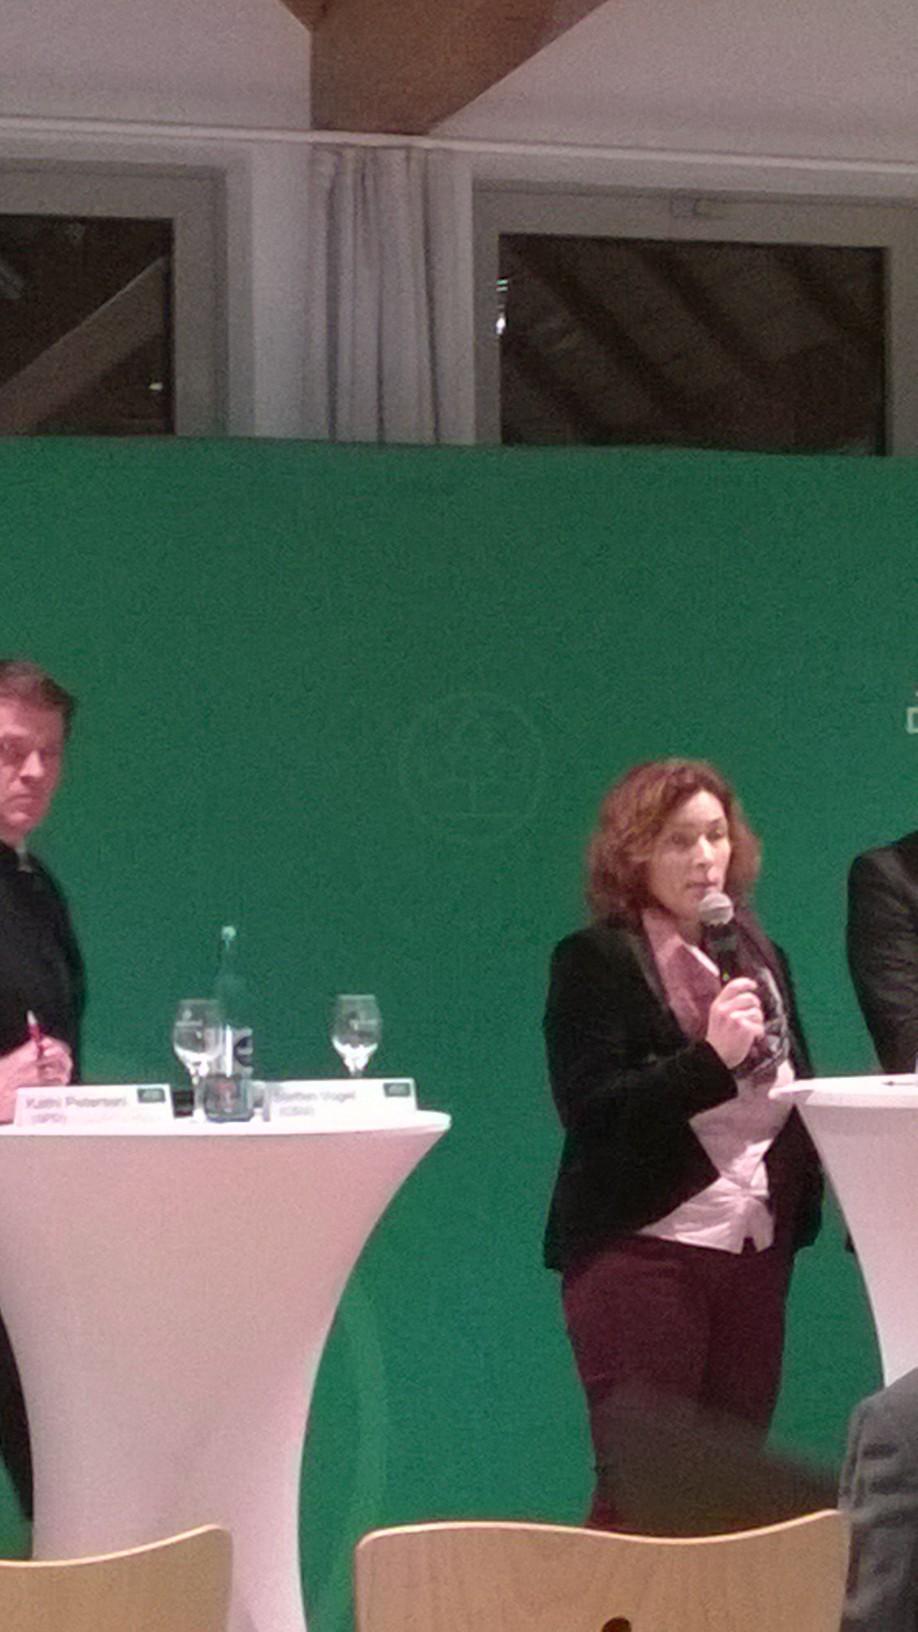 Kerstin Celina bei einer von der AOK organisierten Podiumsdiskussion.